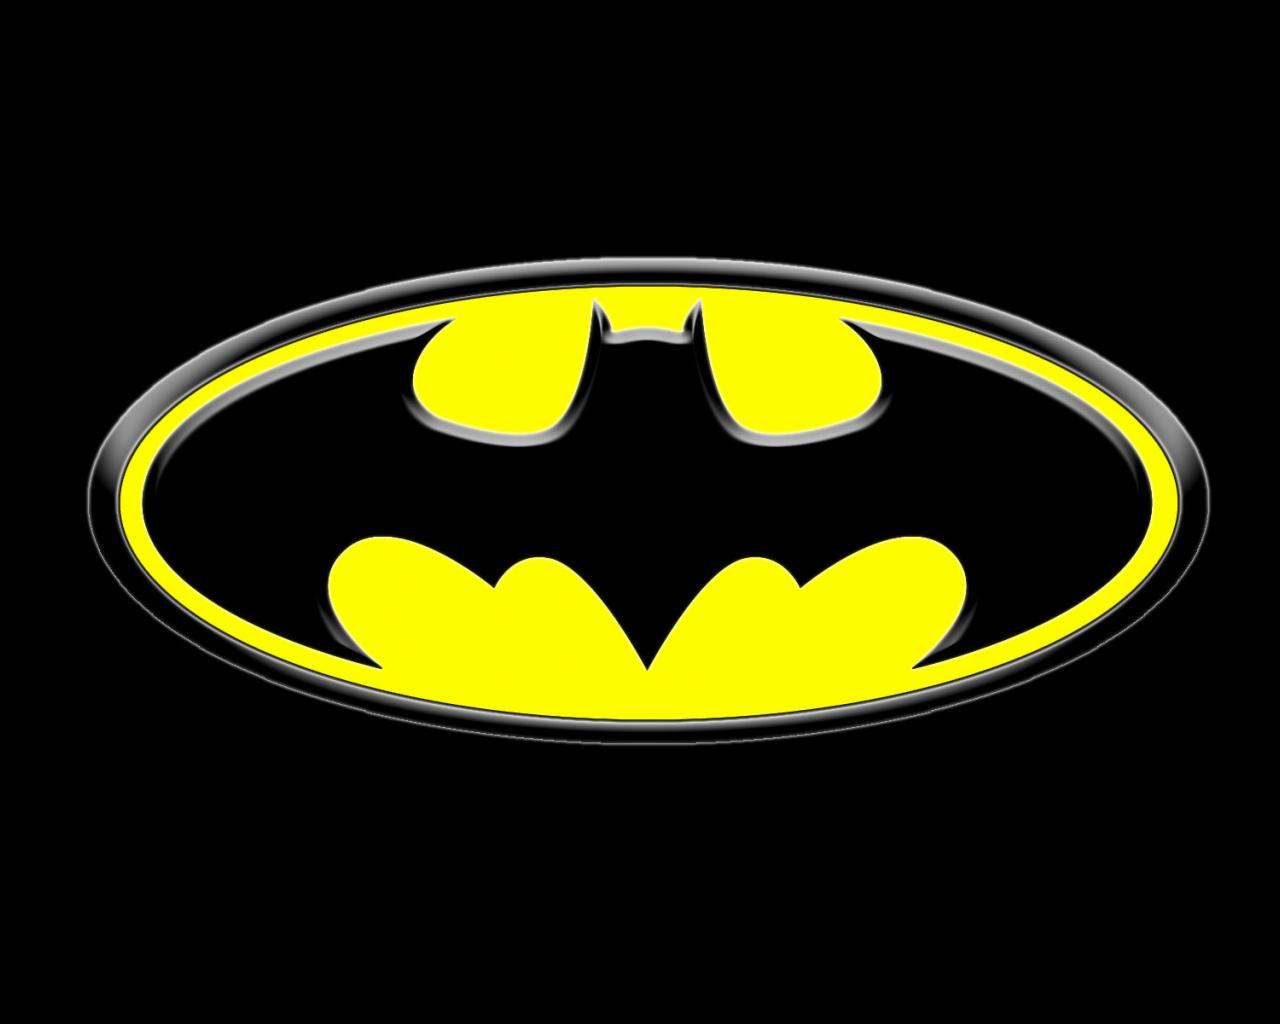 Batman Logo Wallpaper - Cliparts.co